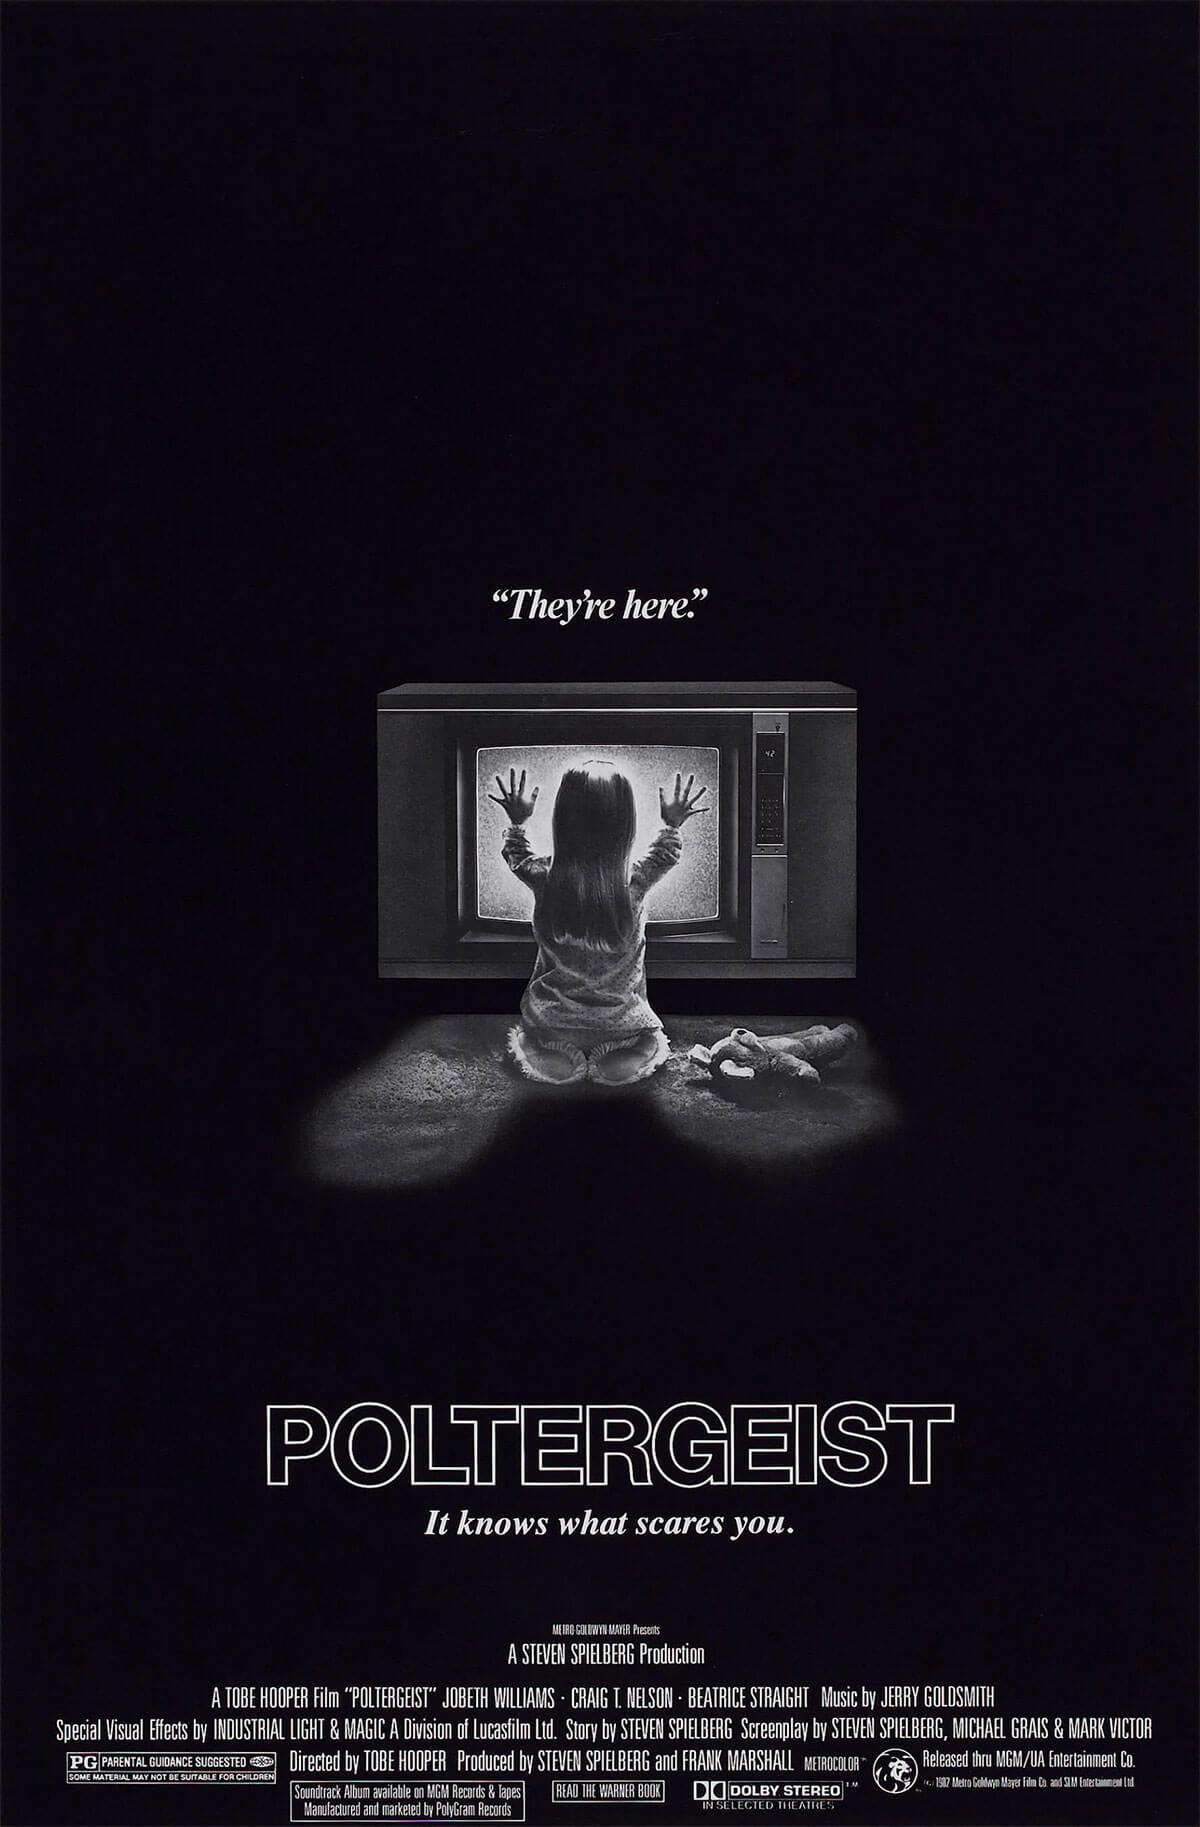 Poltergeist, 1982